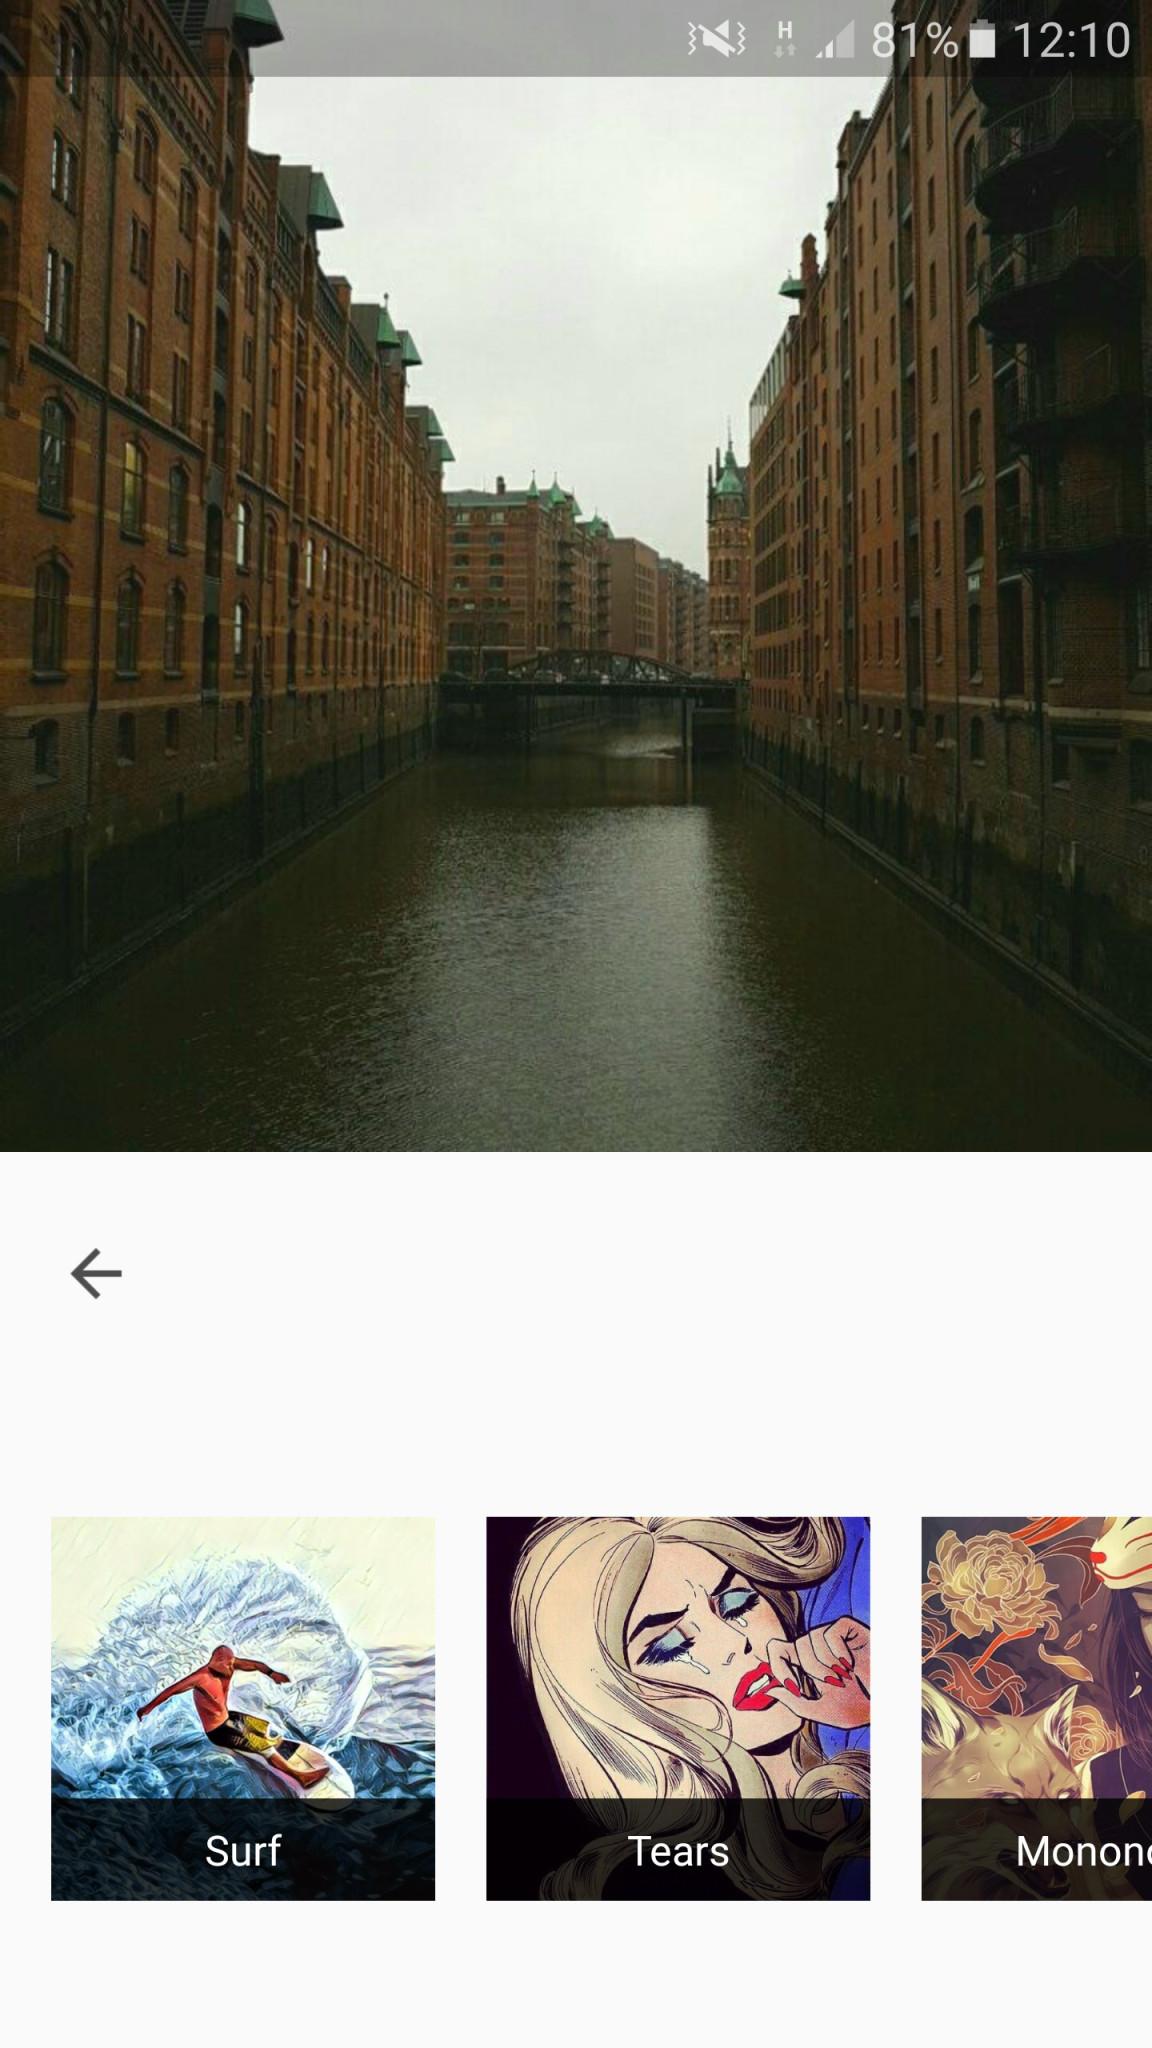 Screenshot 1 - Prisma (APK)